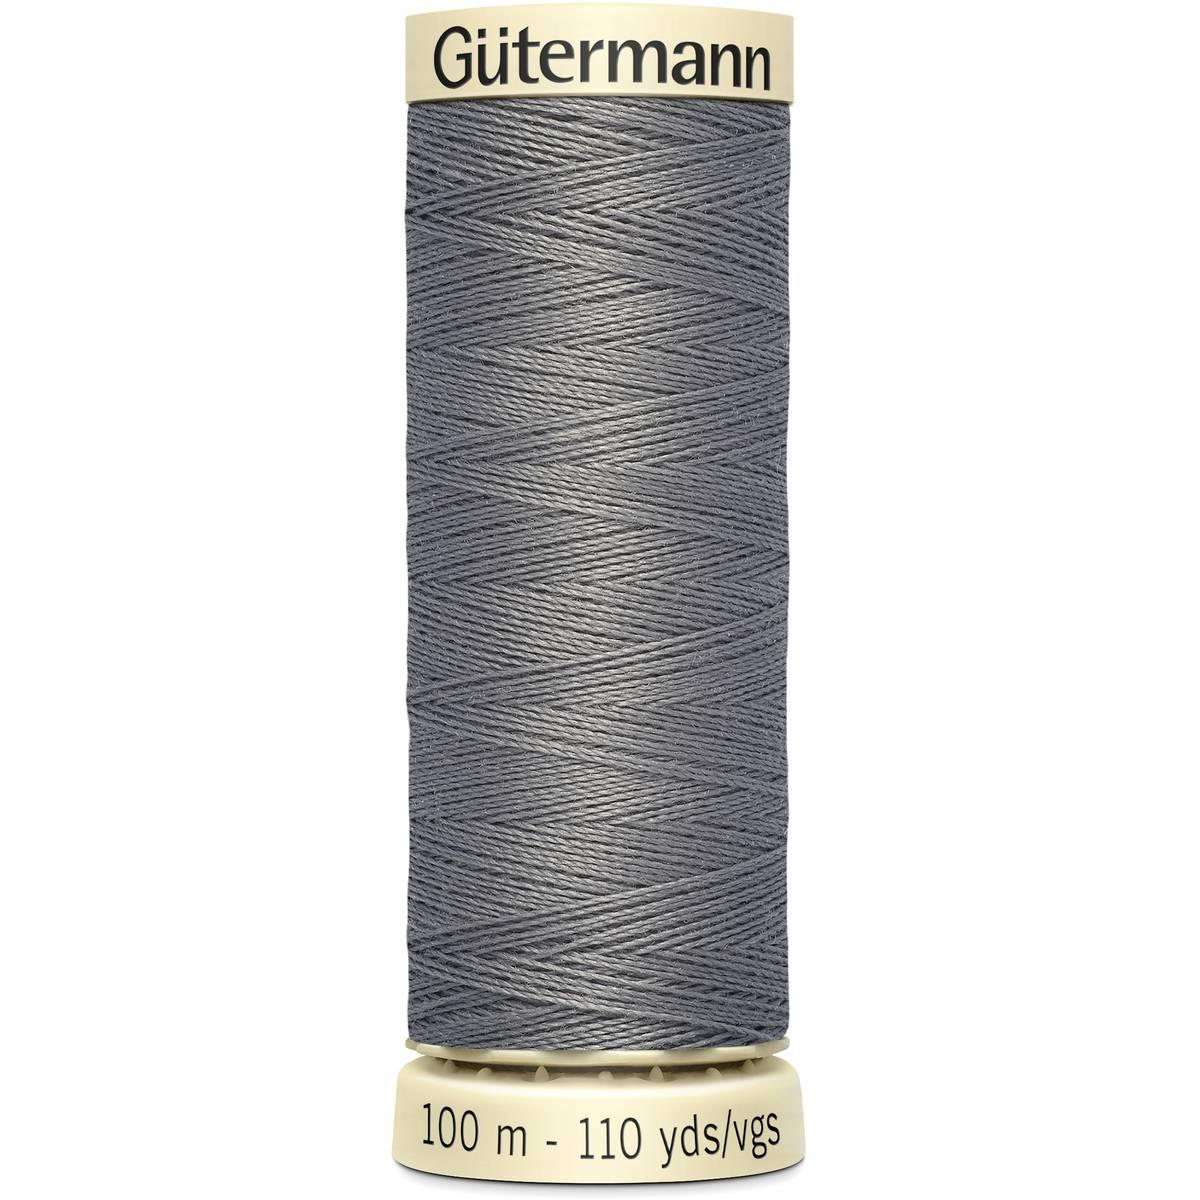 חוט תפירה גוטרמן - Grey 496